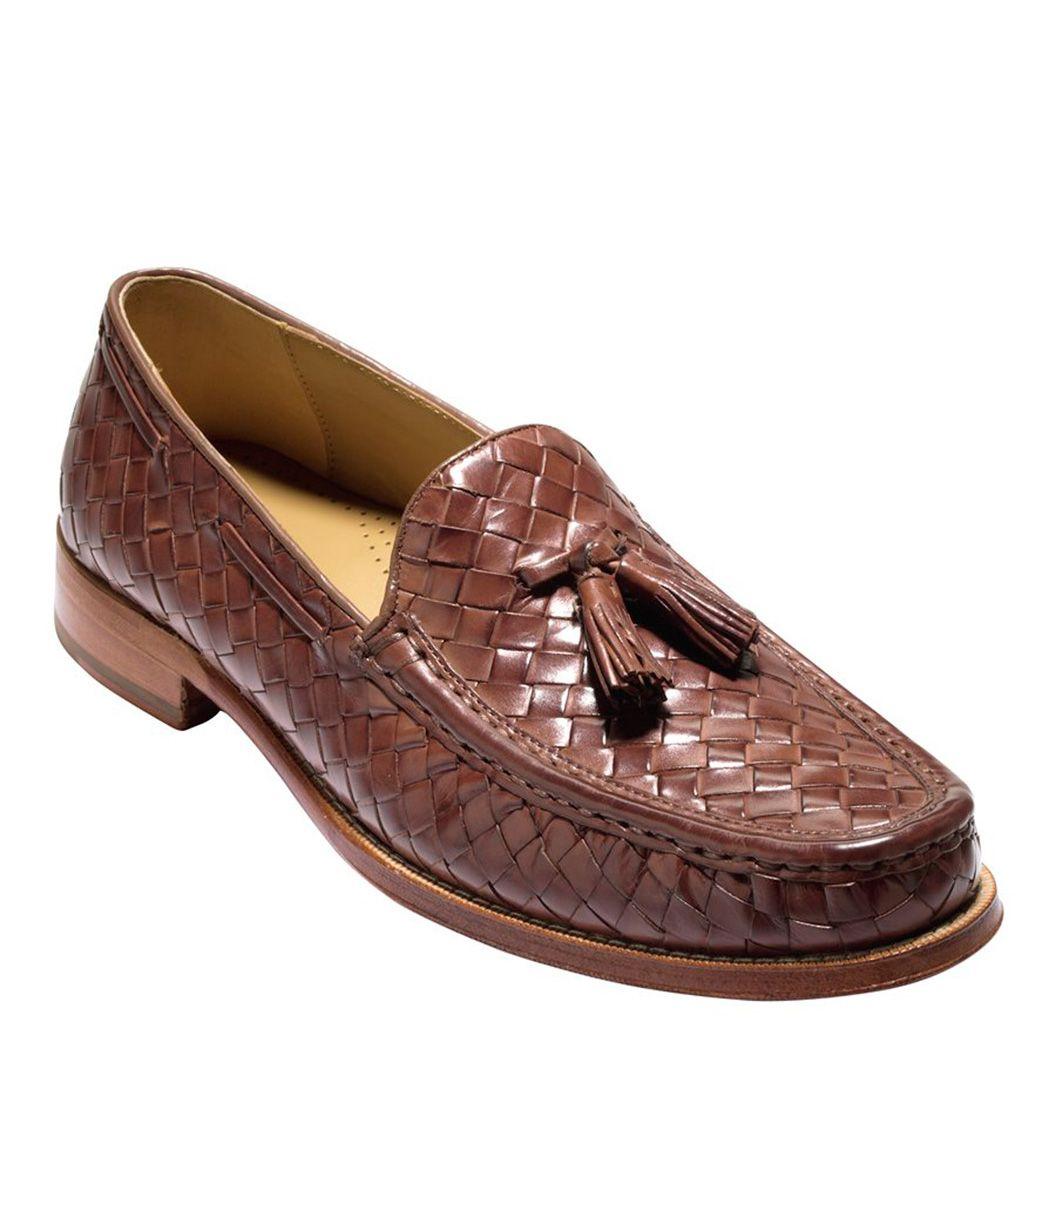 81c5b7e471d Brady Woven Tassel Shoe By Cole Haan. Classic tasseled belgian loafer ...